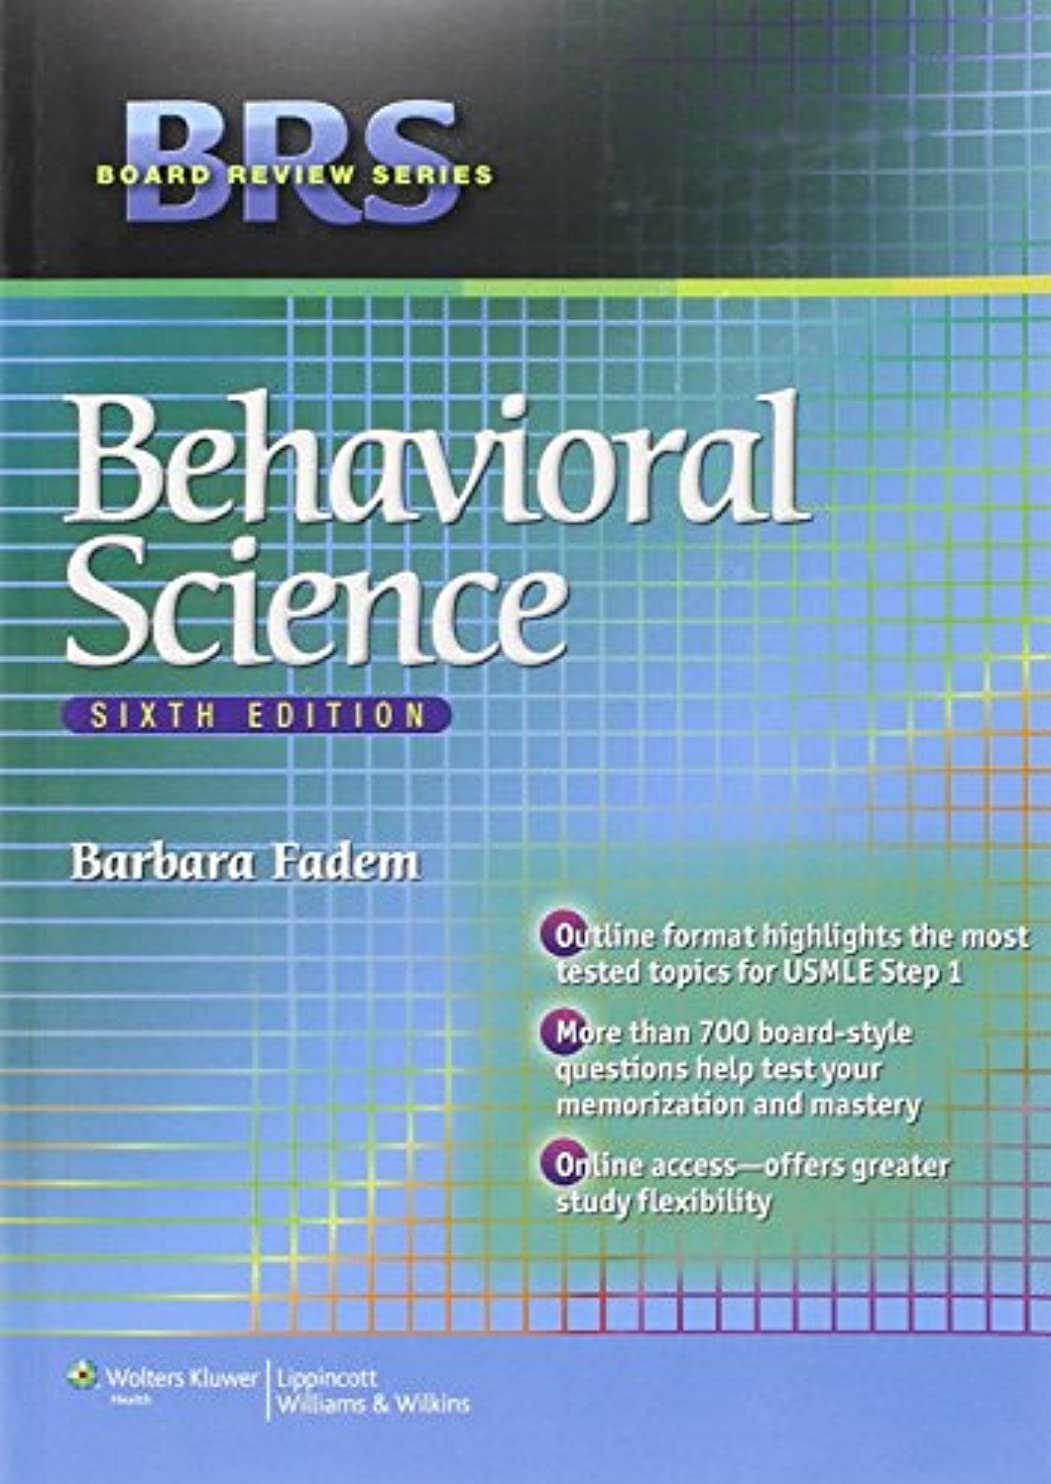 予測するはっきりしないドームBRS Behavioral Science (Board Review Series)